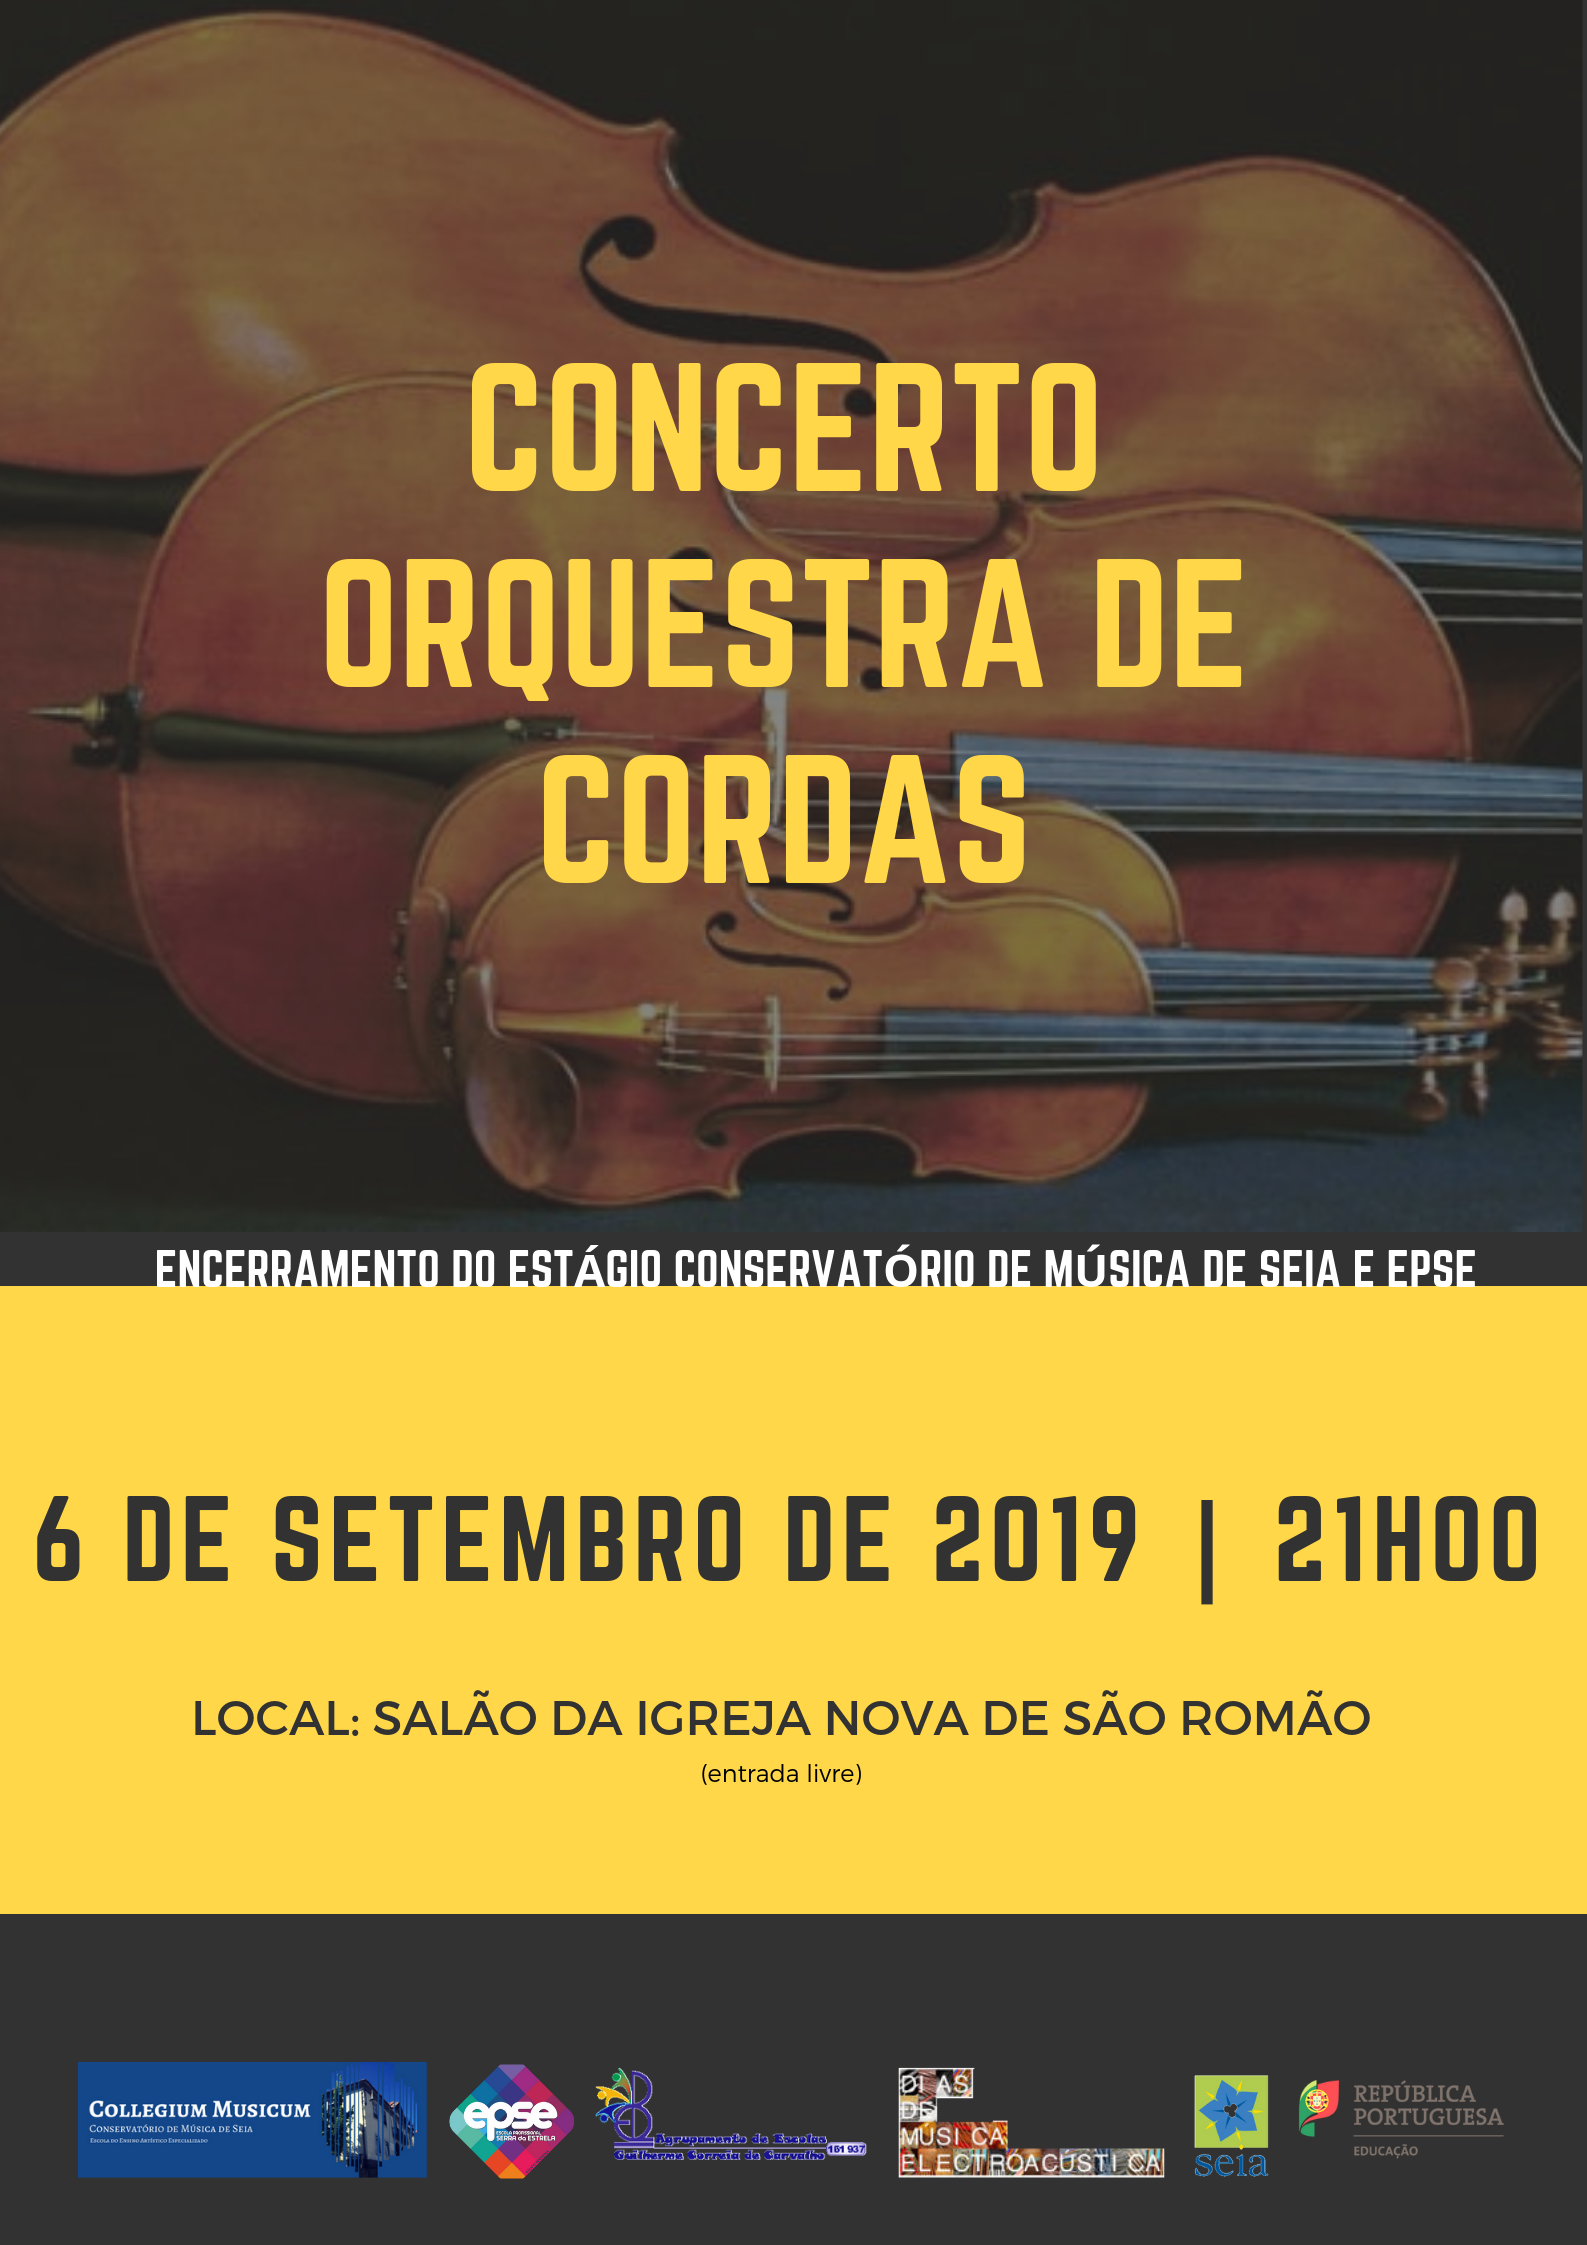 Concerto Orquestra de Cordas